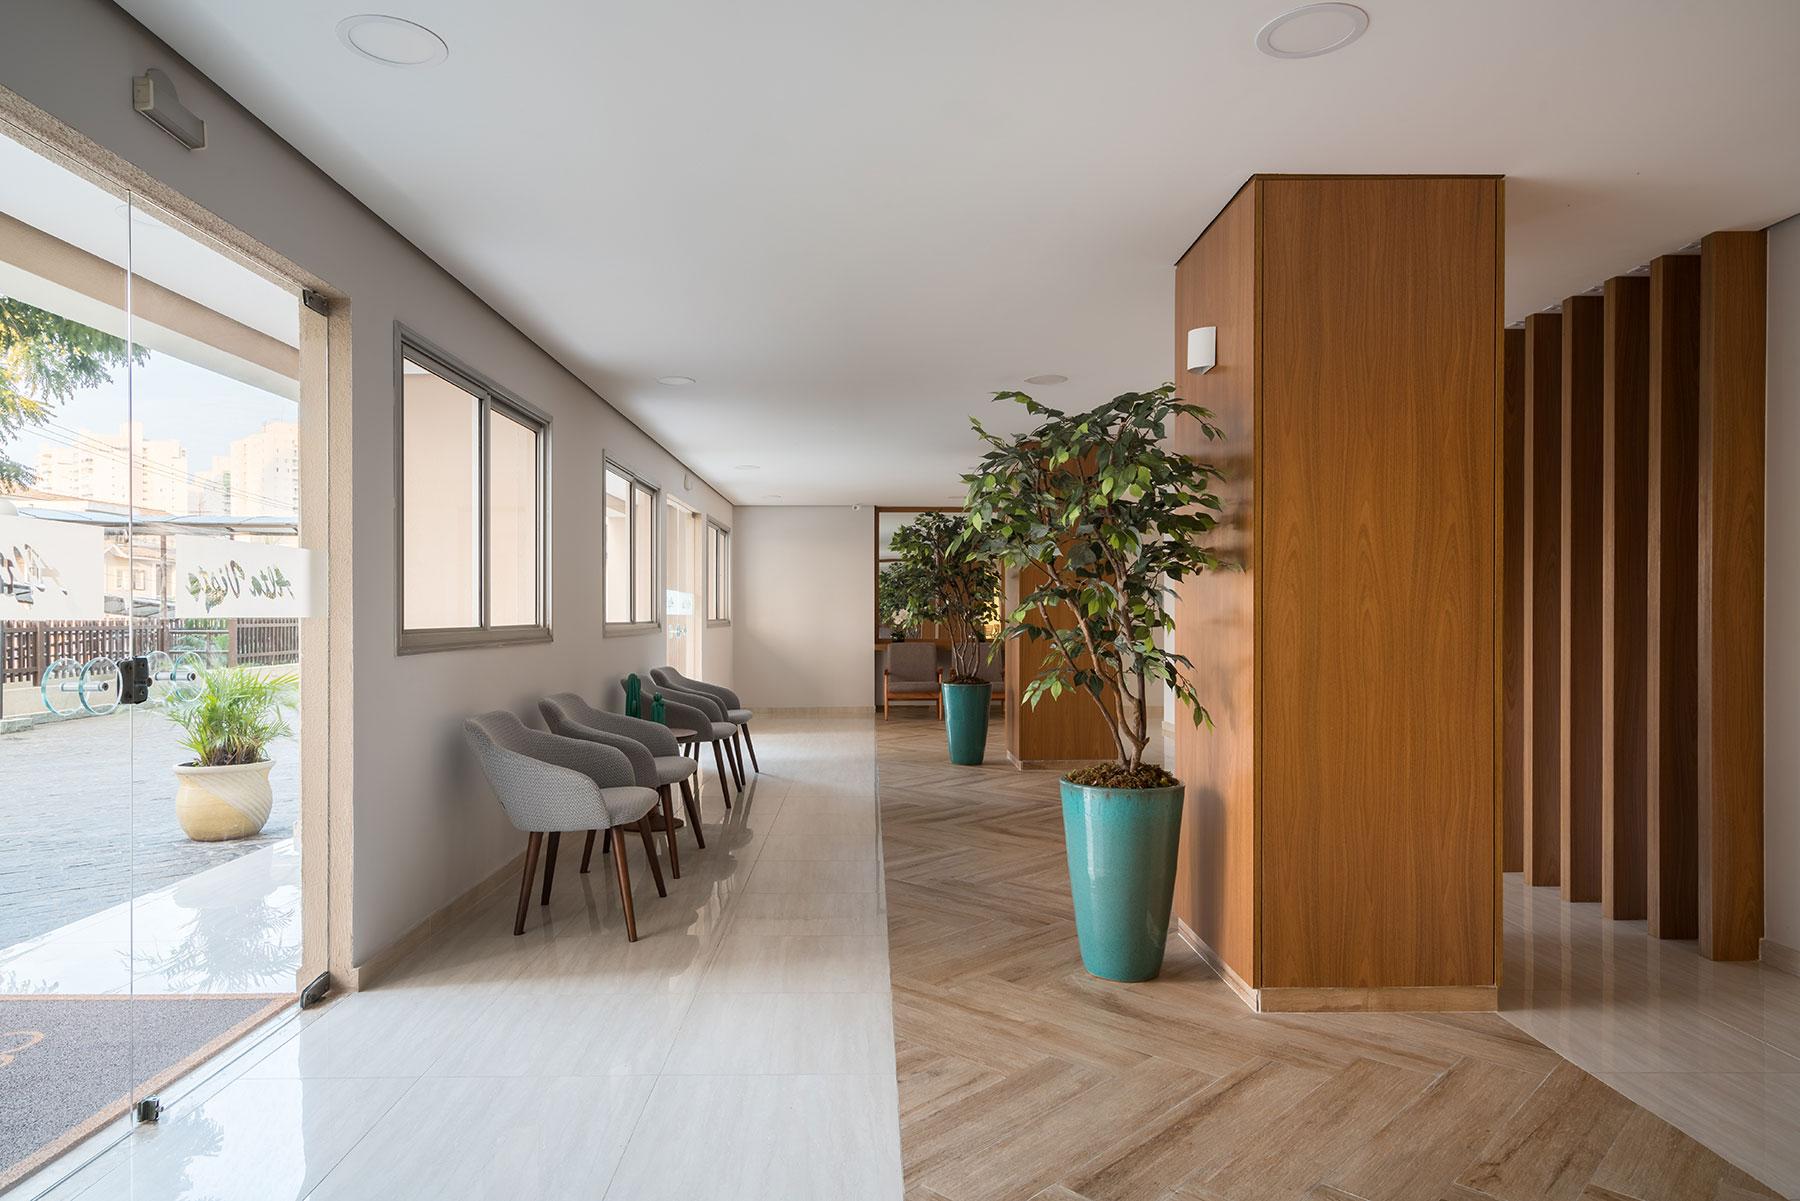 https://www.betaniapacheco.com.br/wp-content/uploads/2021/03/arquitetura-inspiracao-hall-de-entrada-betaniapacheco-1.jpg